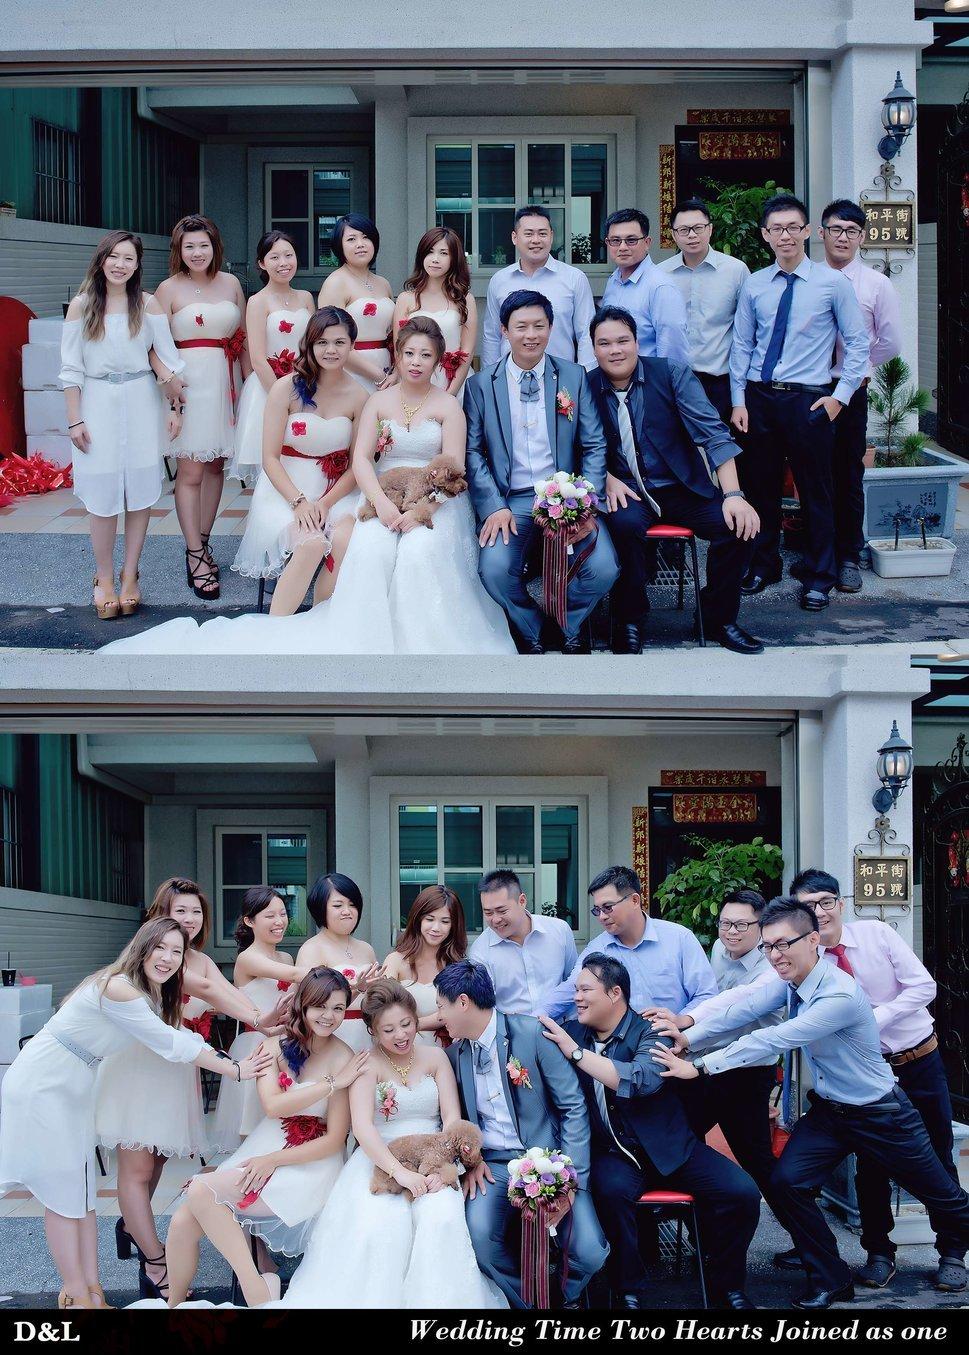 婚禮紀錄-敬添&綉芬(編號:253248) - D&L 婚禮事務-婚禮攝影/婚紗攝影 - 結婚吧一站式婚禮服務平台